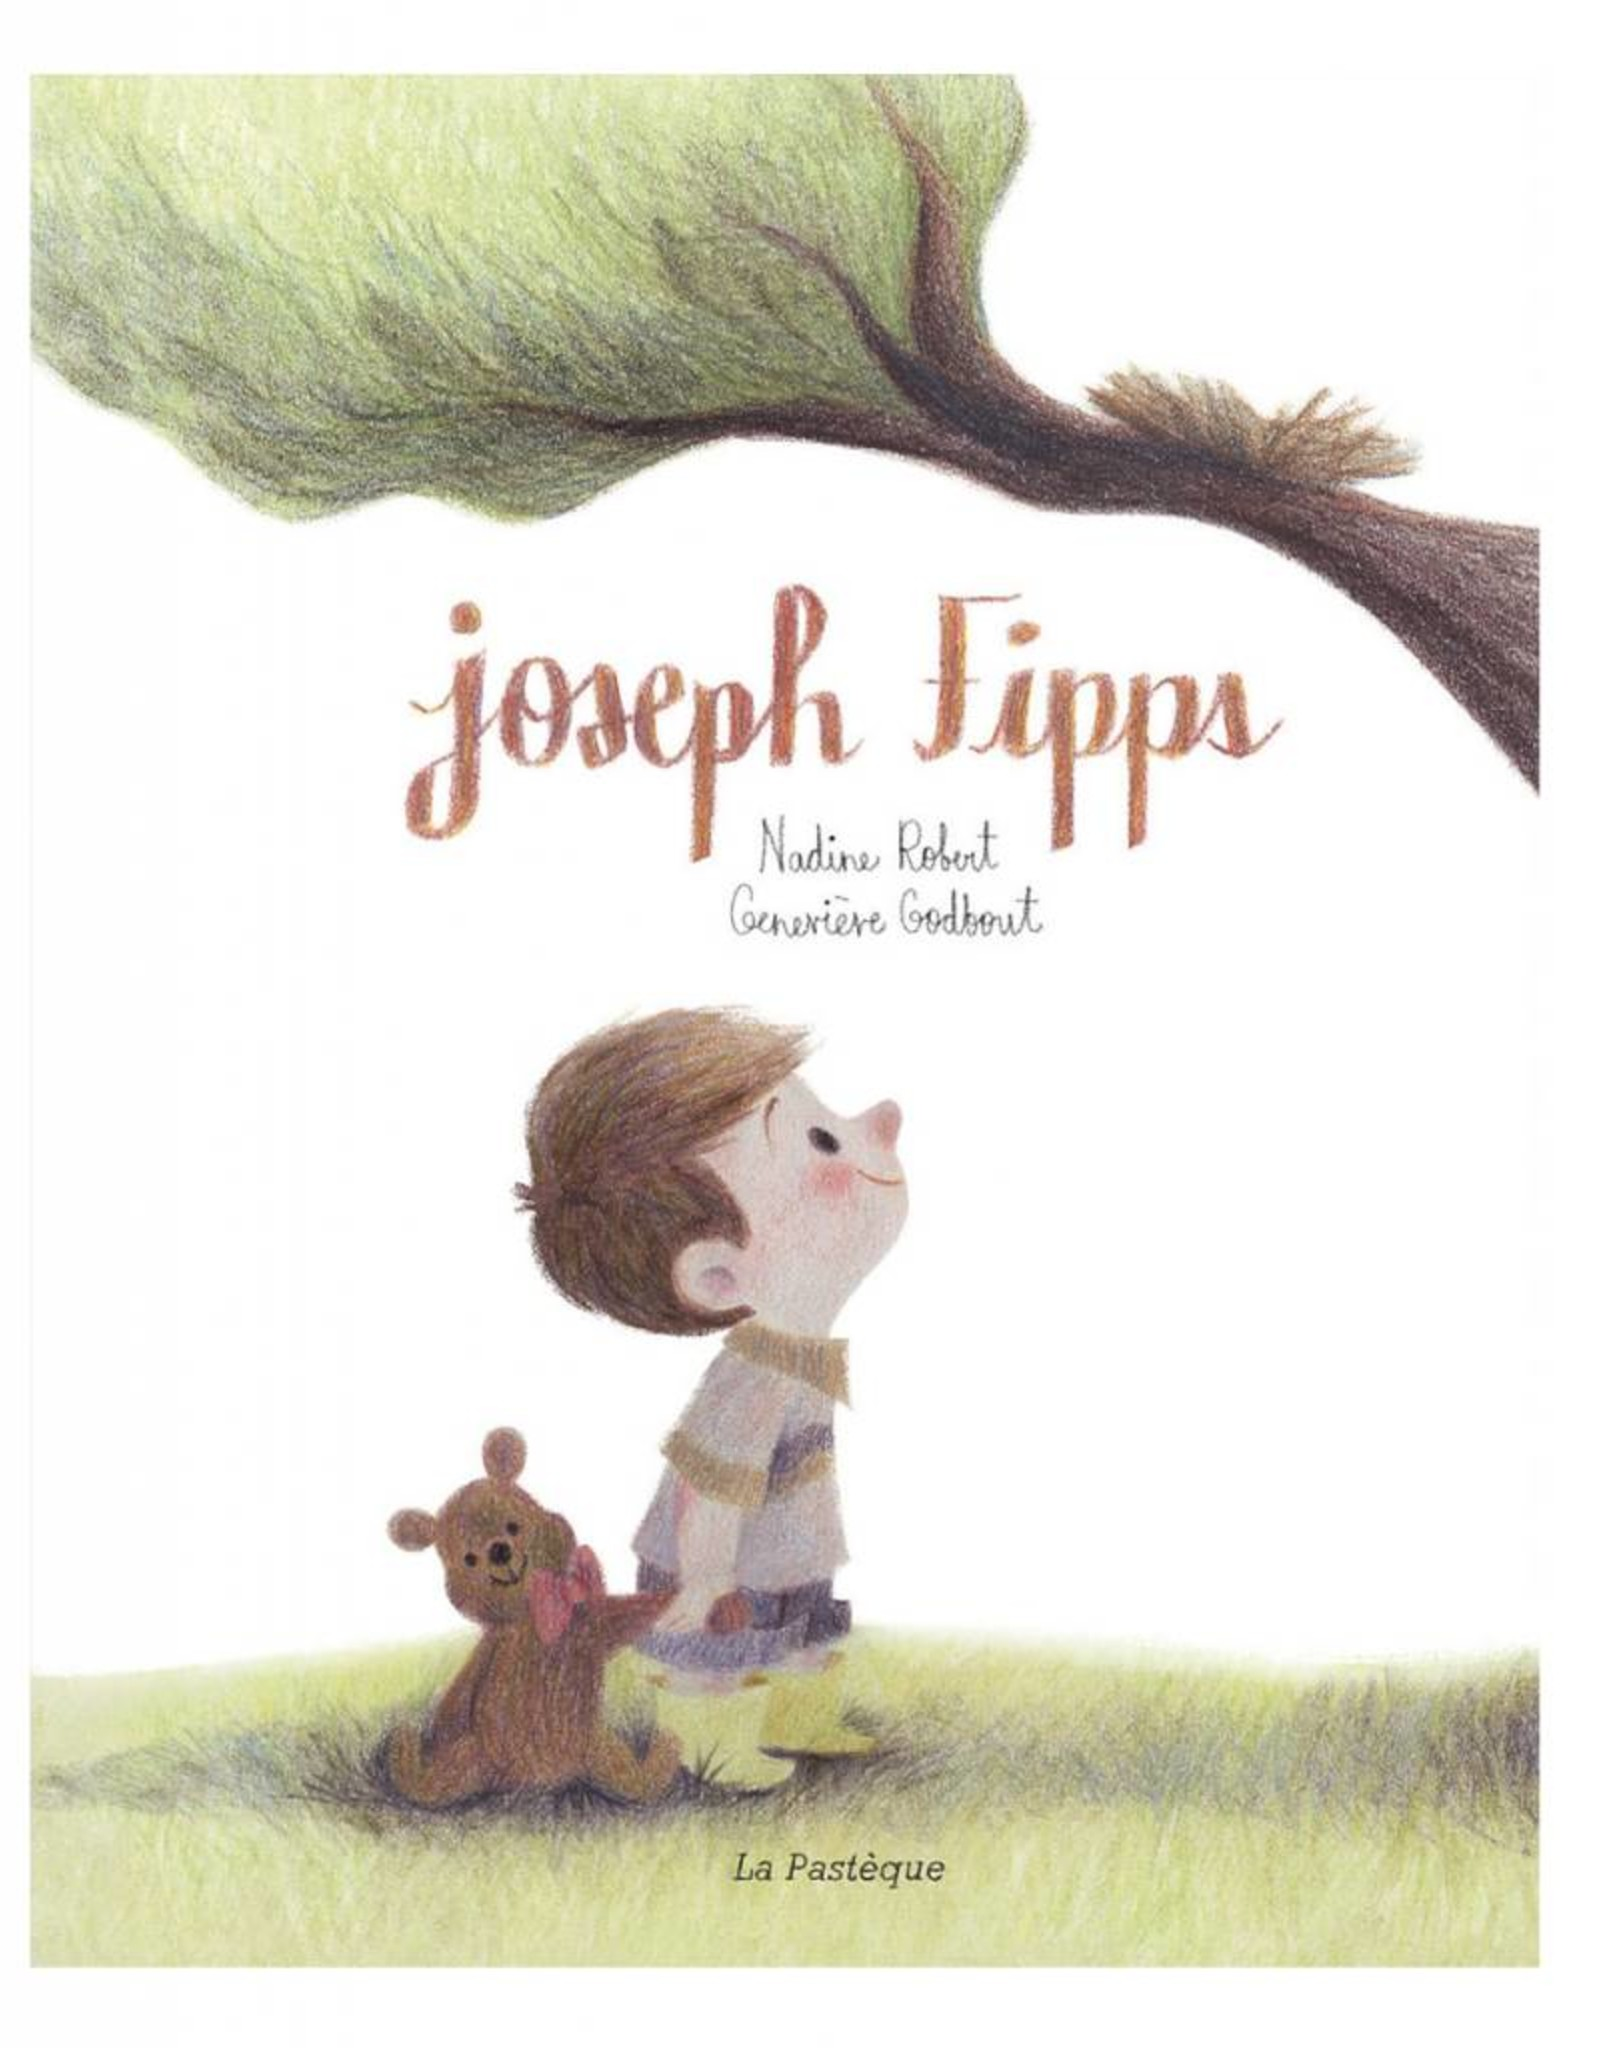 Jospeh Fipps